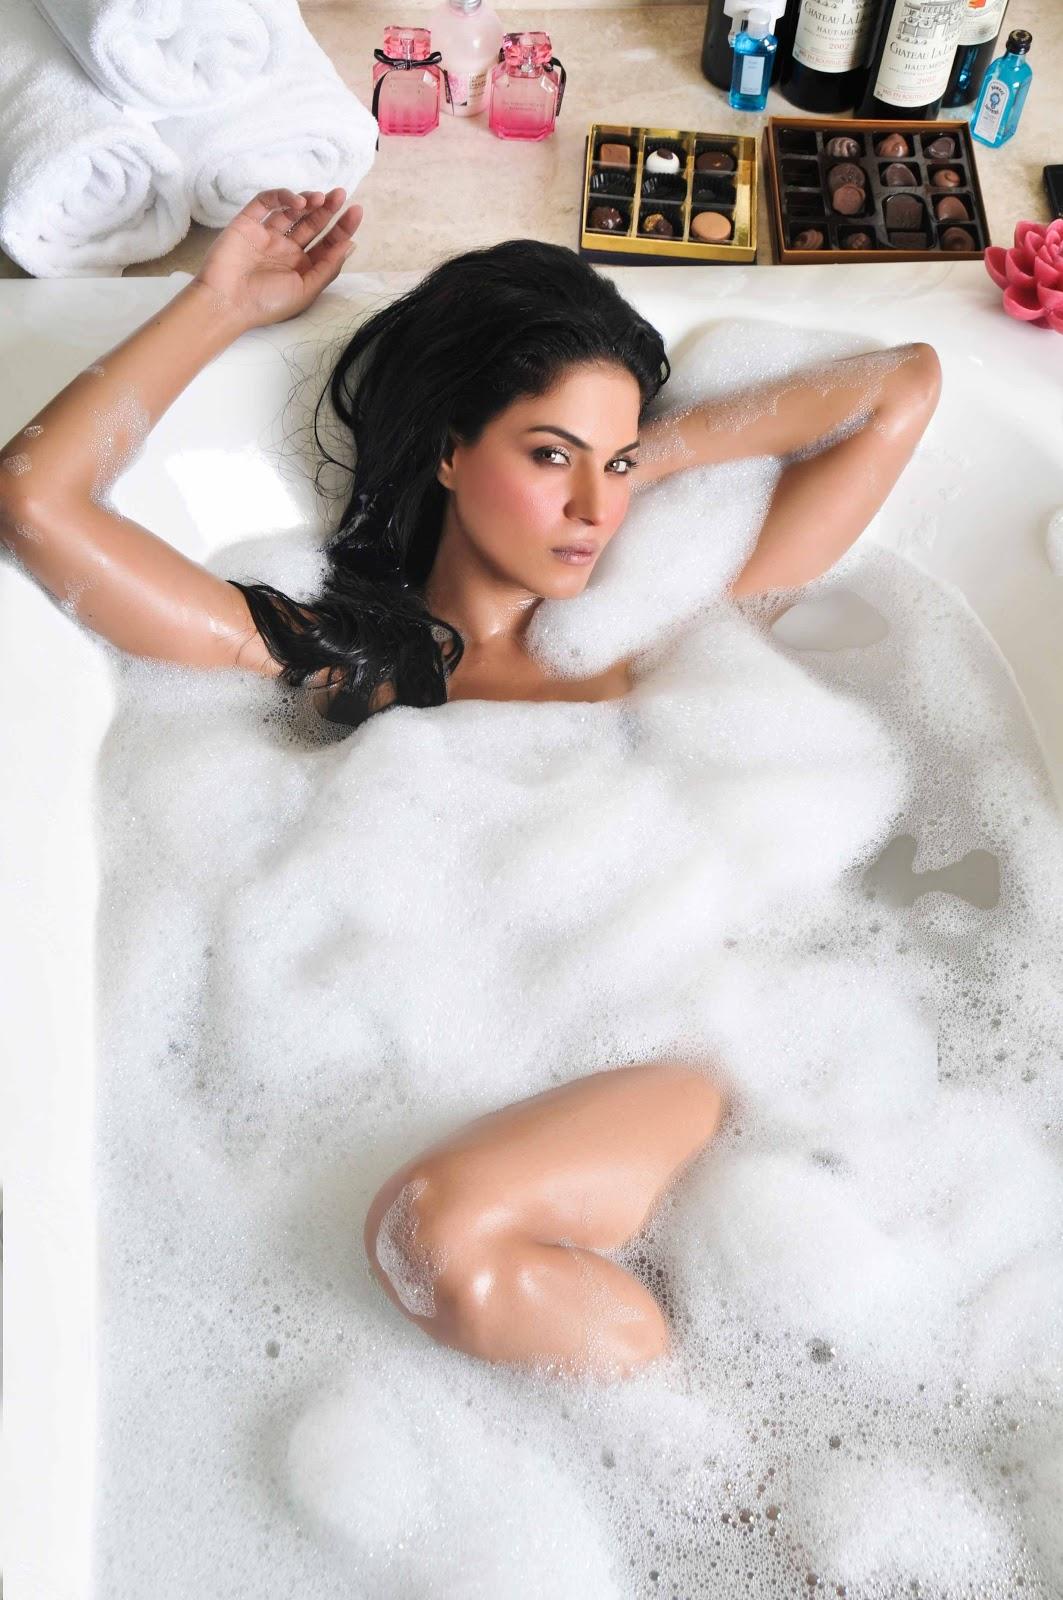 Sexy bath Nude Photos 10